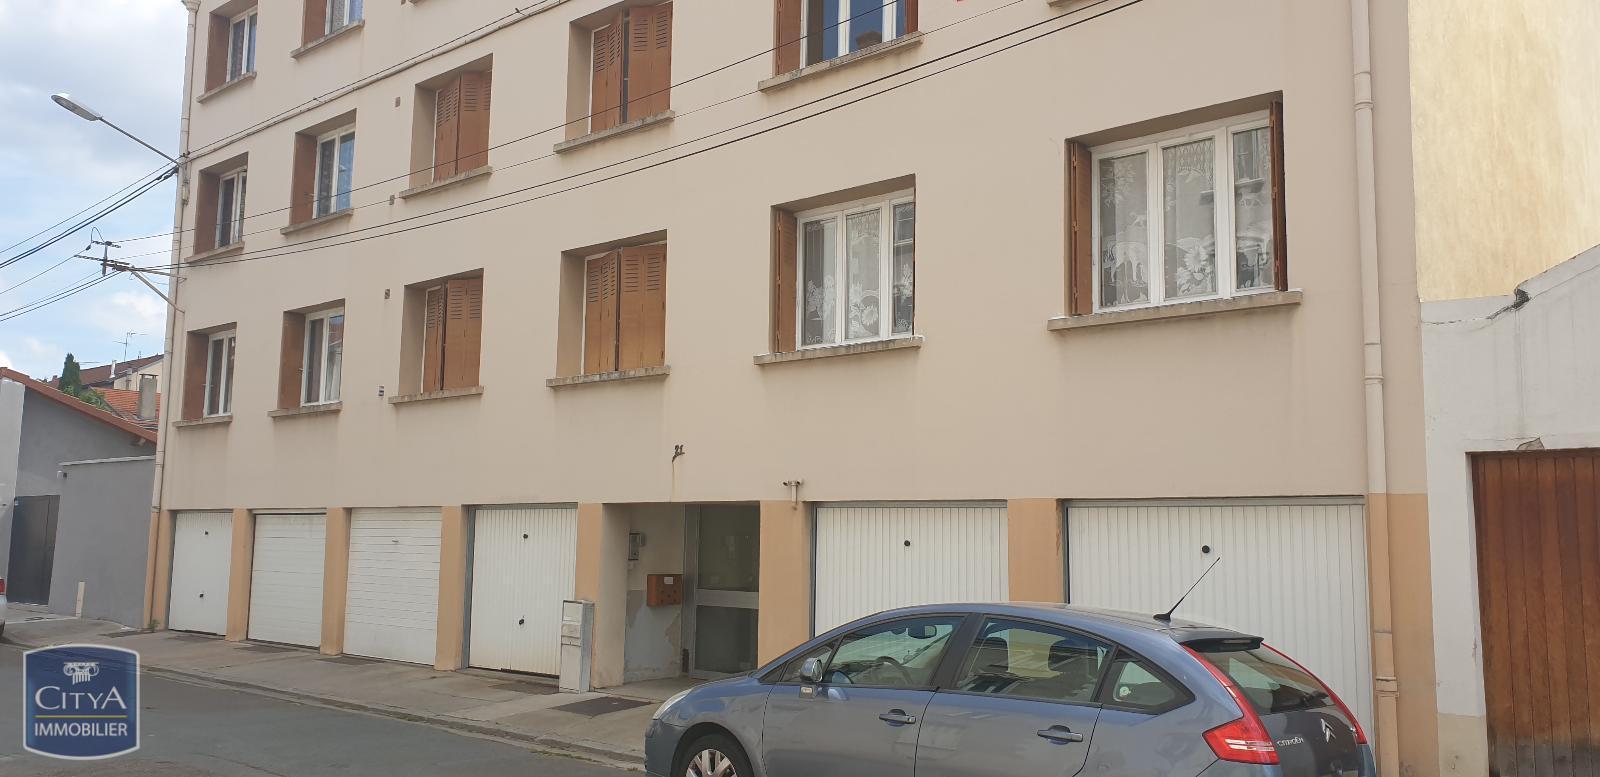 Appartement 4 pièces 67 m²